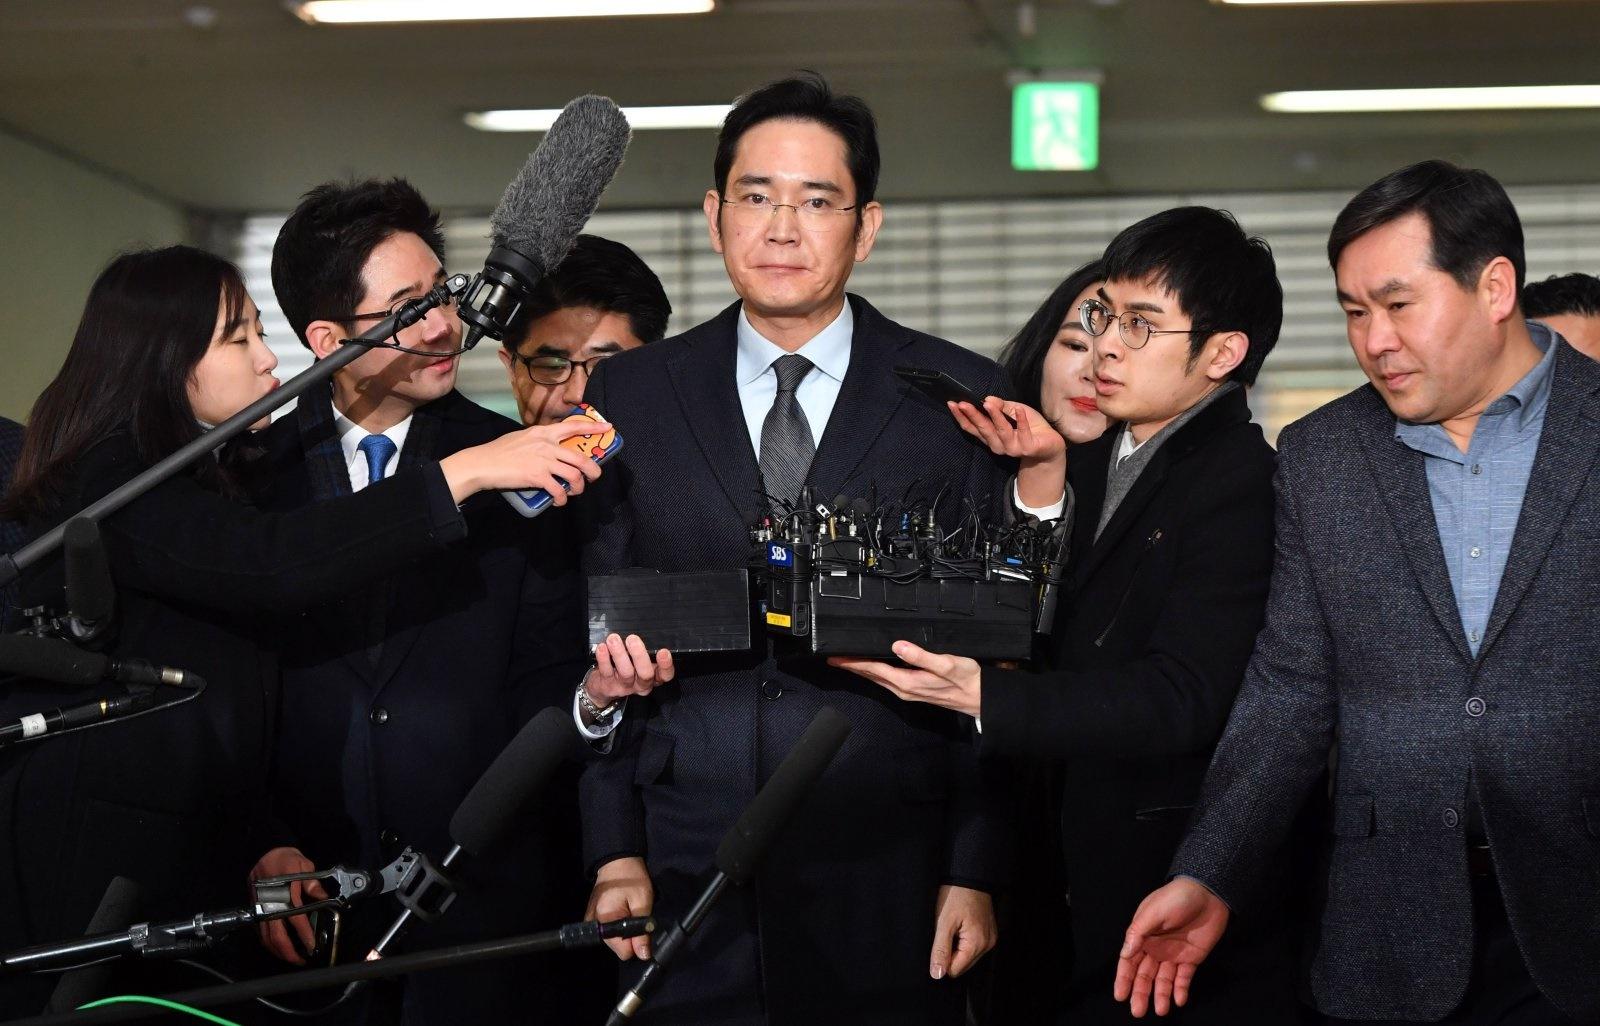 ۴ اتهام رسمی علیه رهبر سامسونگ / ۴ مدیر زیردست لی هم متهم شدند